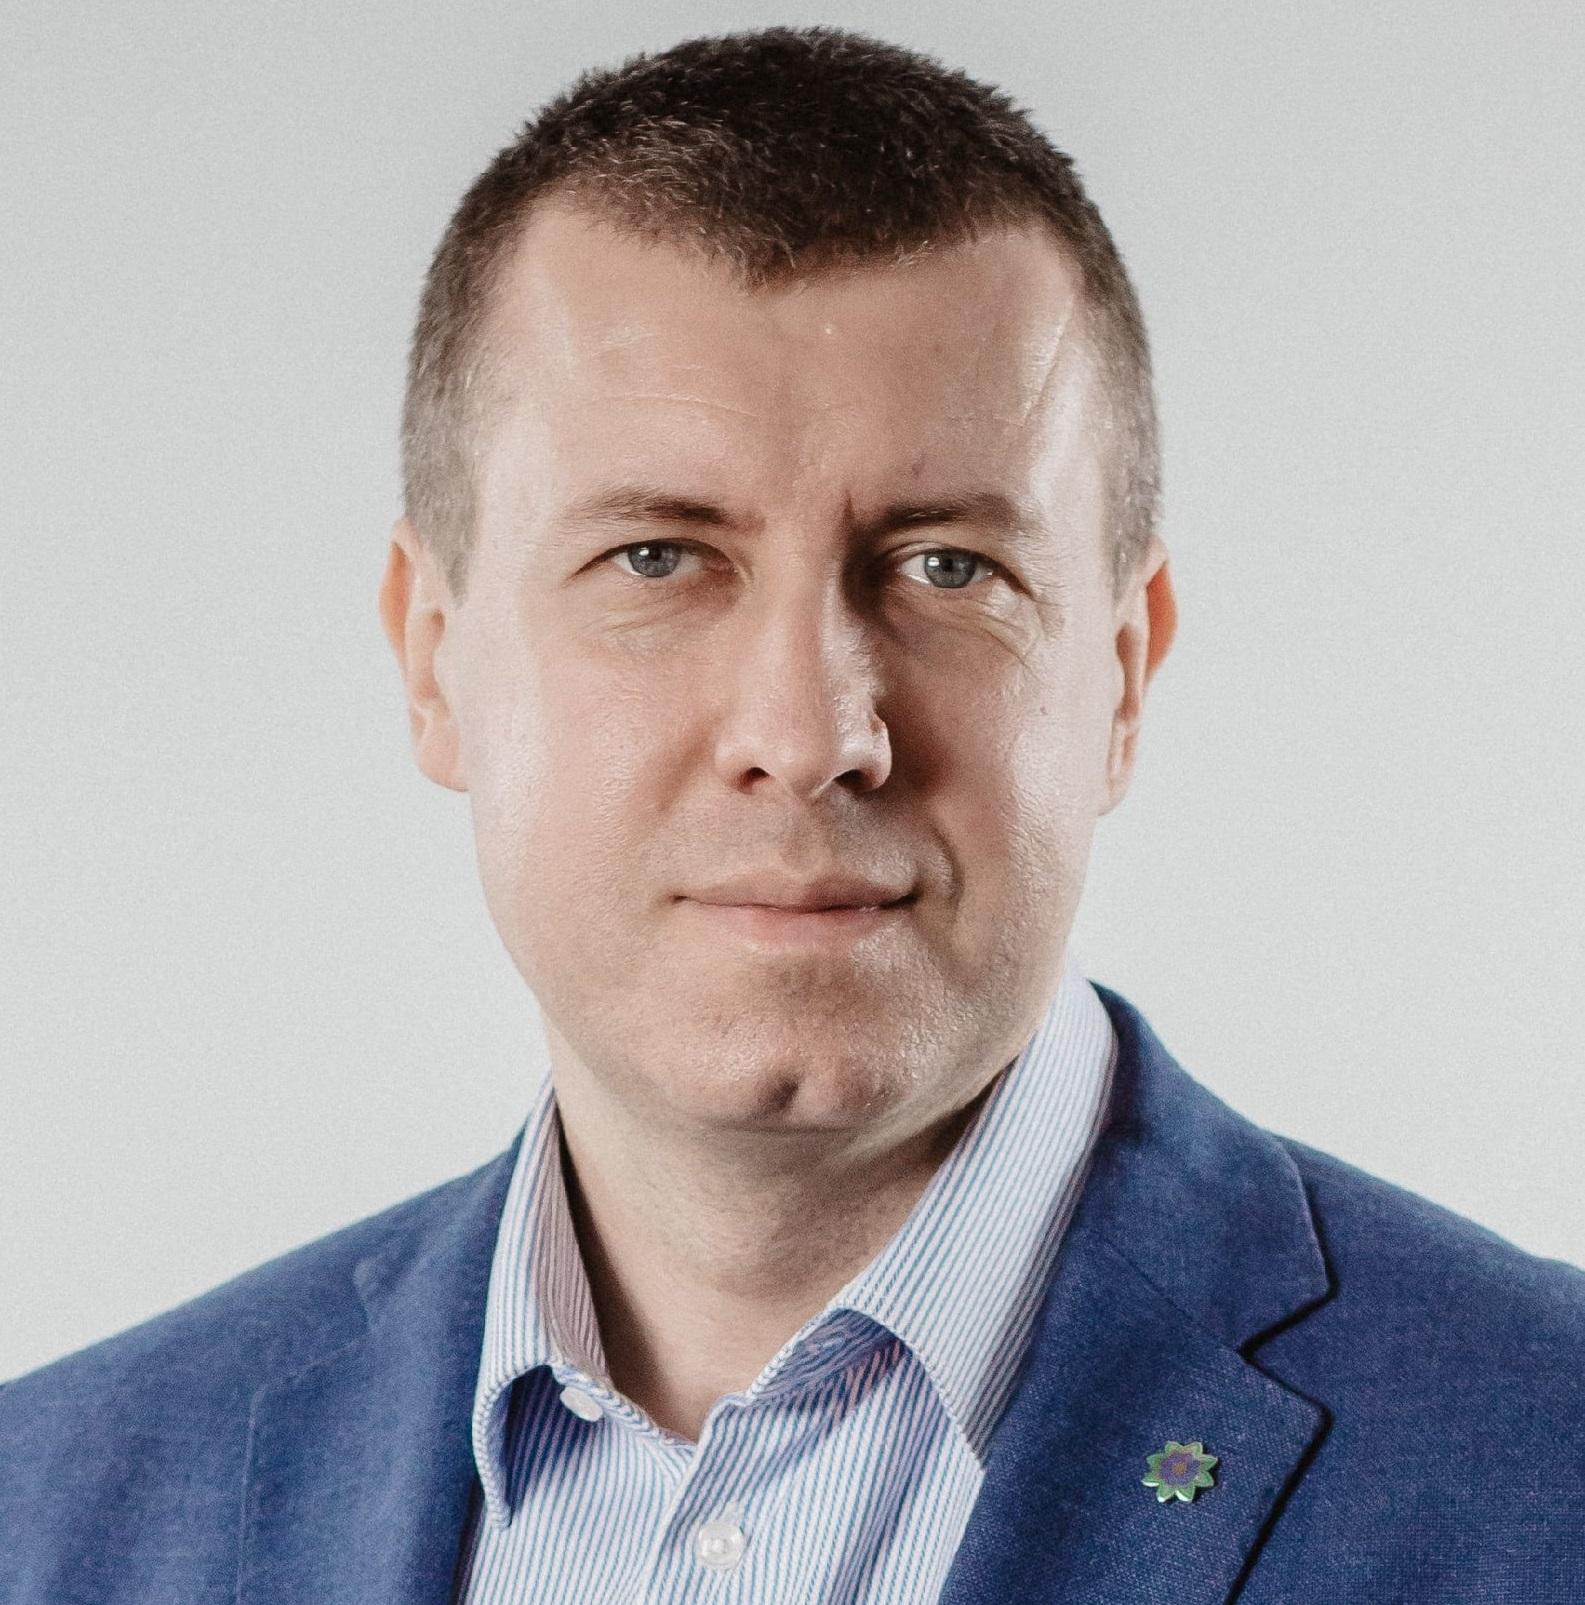 Константин Майков: «Экологические проекты - это не только сохранение природы»